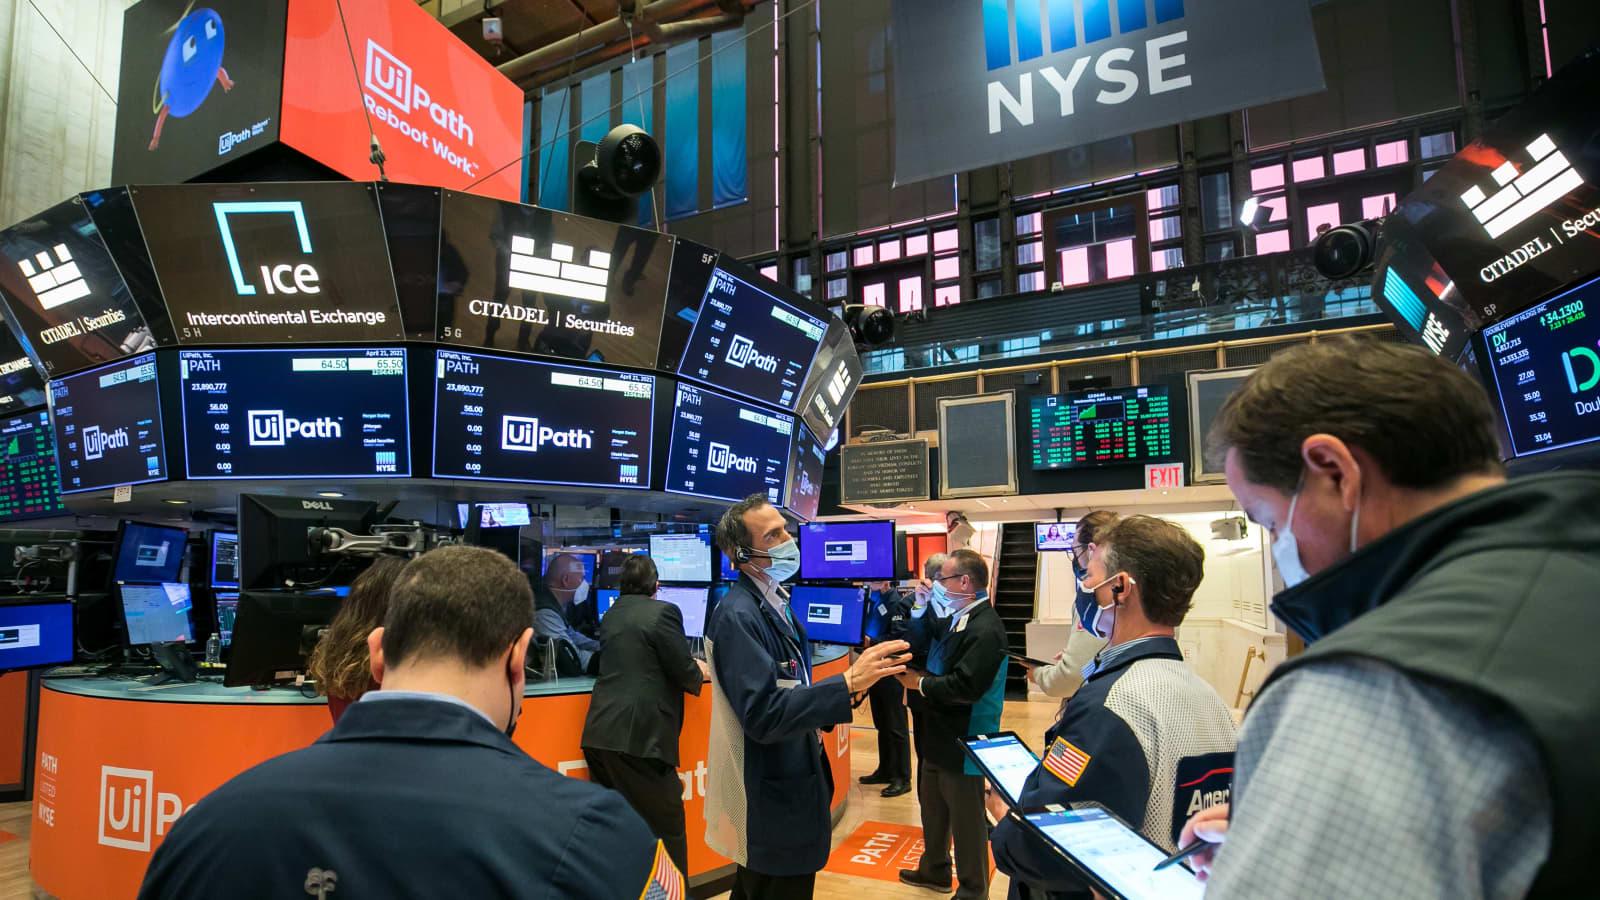 8 ngành có cổ phiếu tăng trưởng tốt nhất trên thị trường